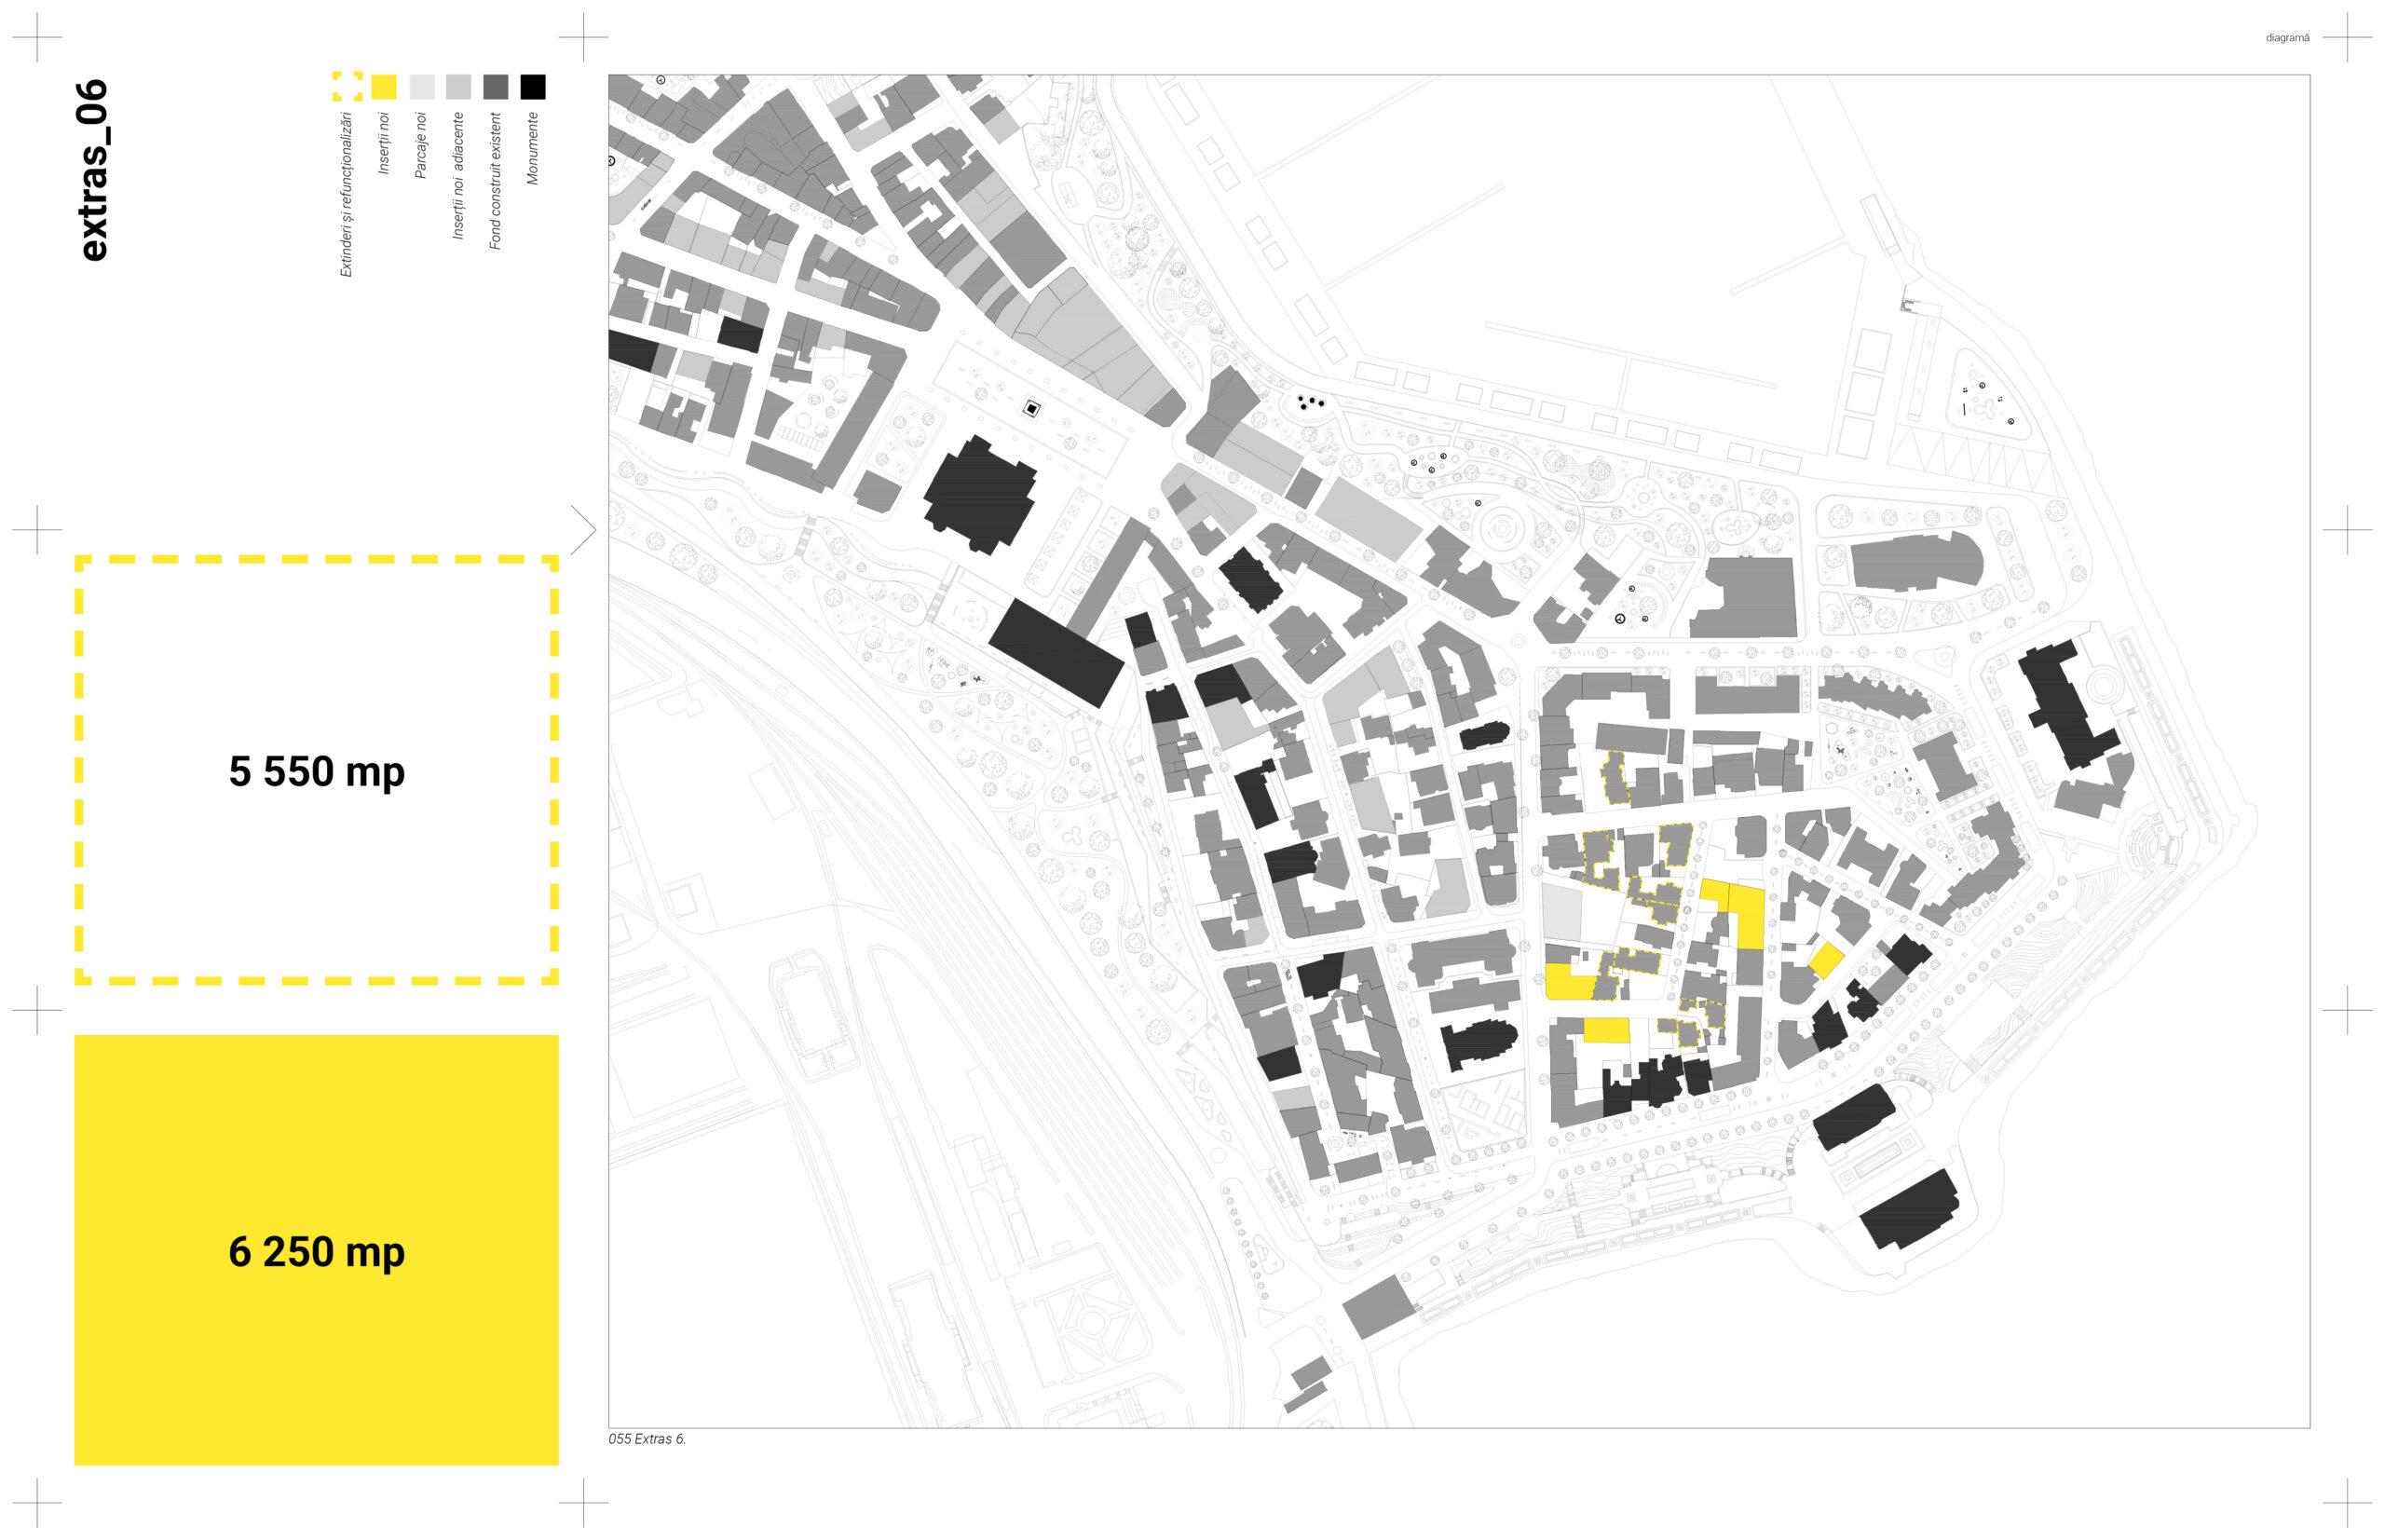 Propunere de intervenție - Zona 6